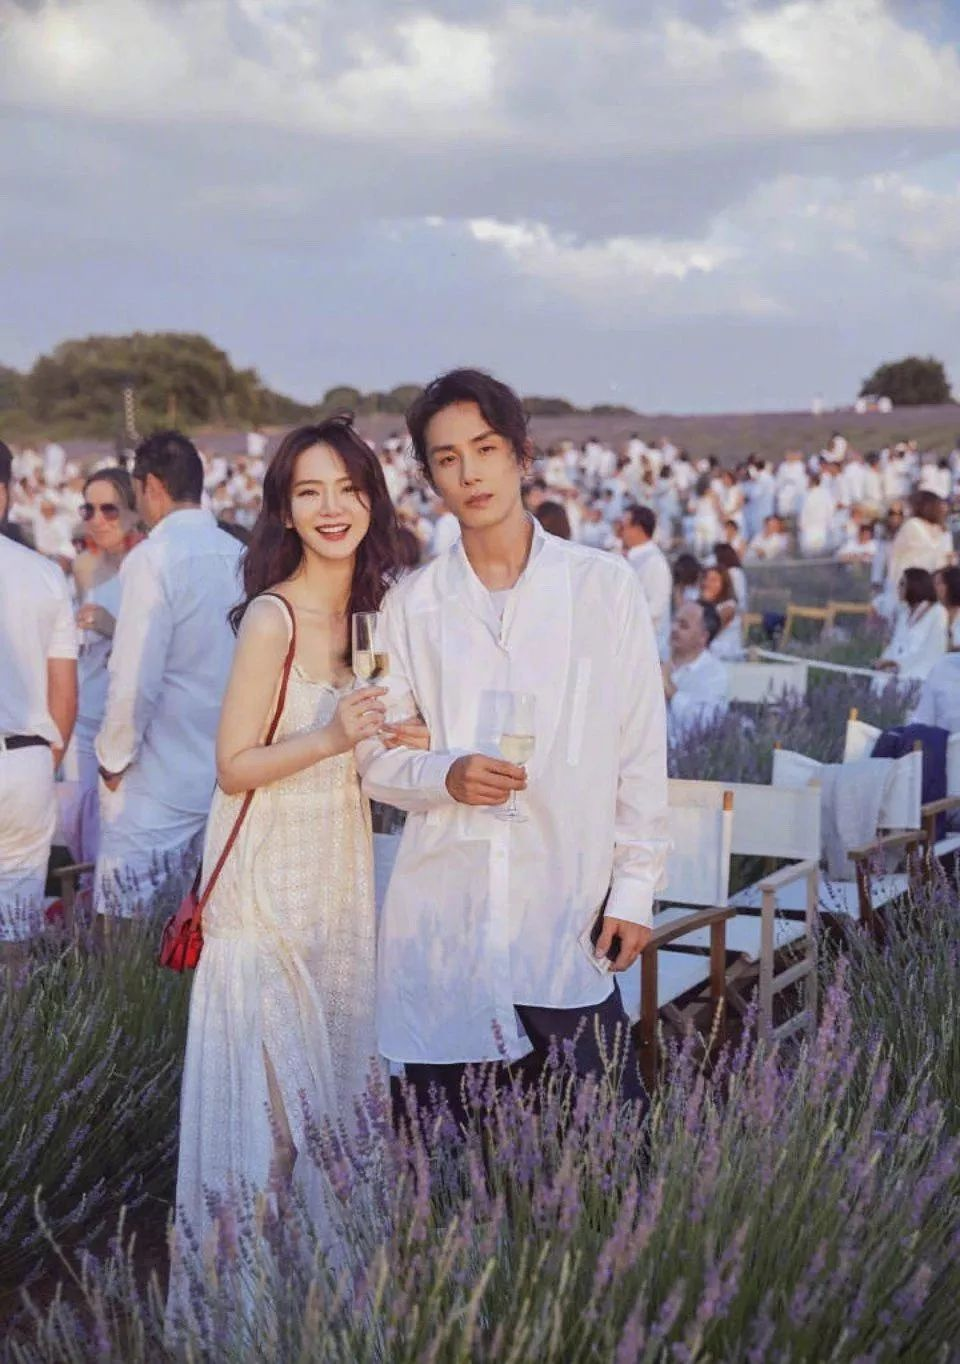 """李承铉戚薇结婚照 戚薇李承铉简直就是""""教科书式恋爱"""",不服来辩"""